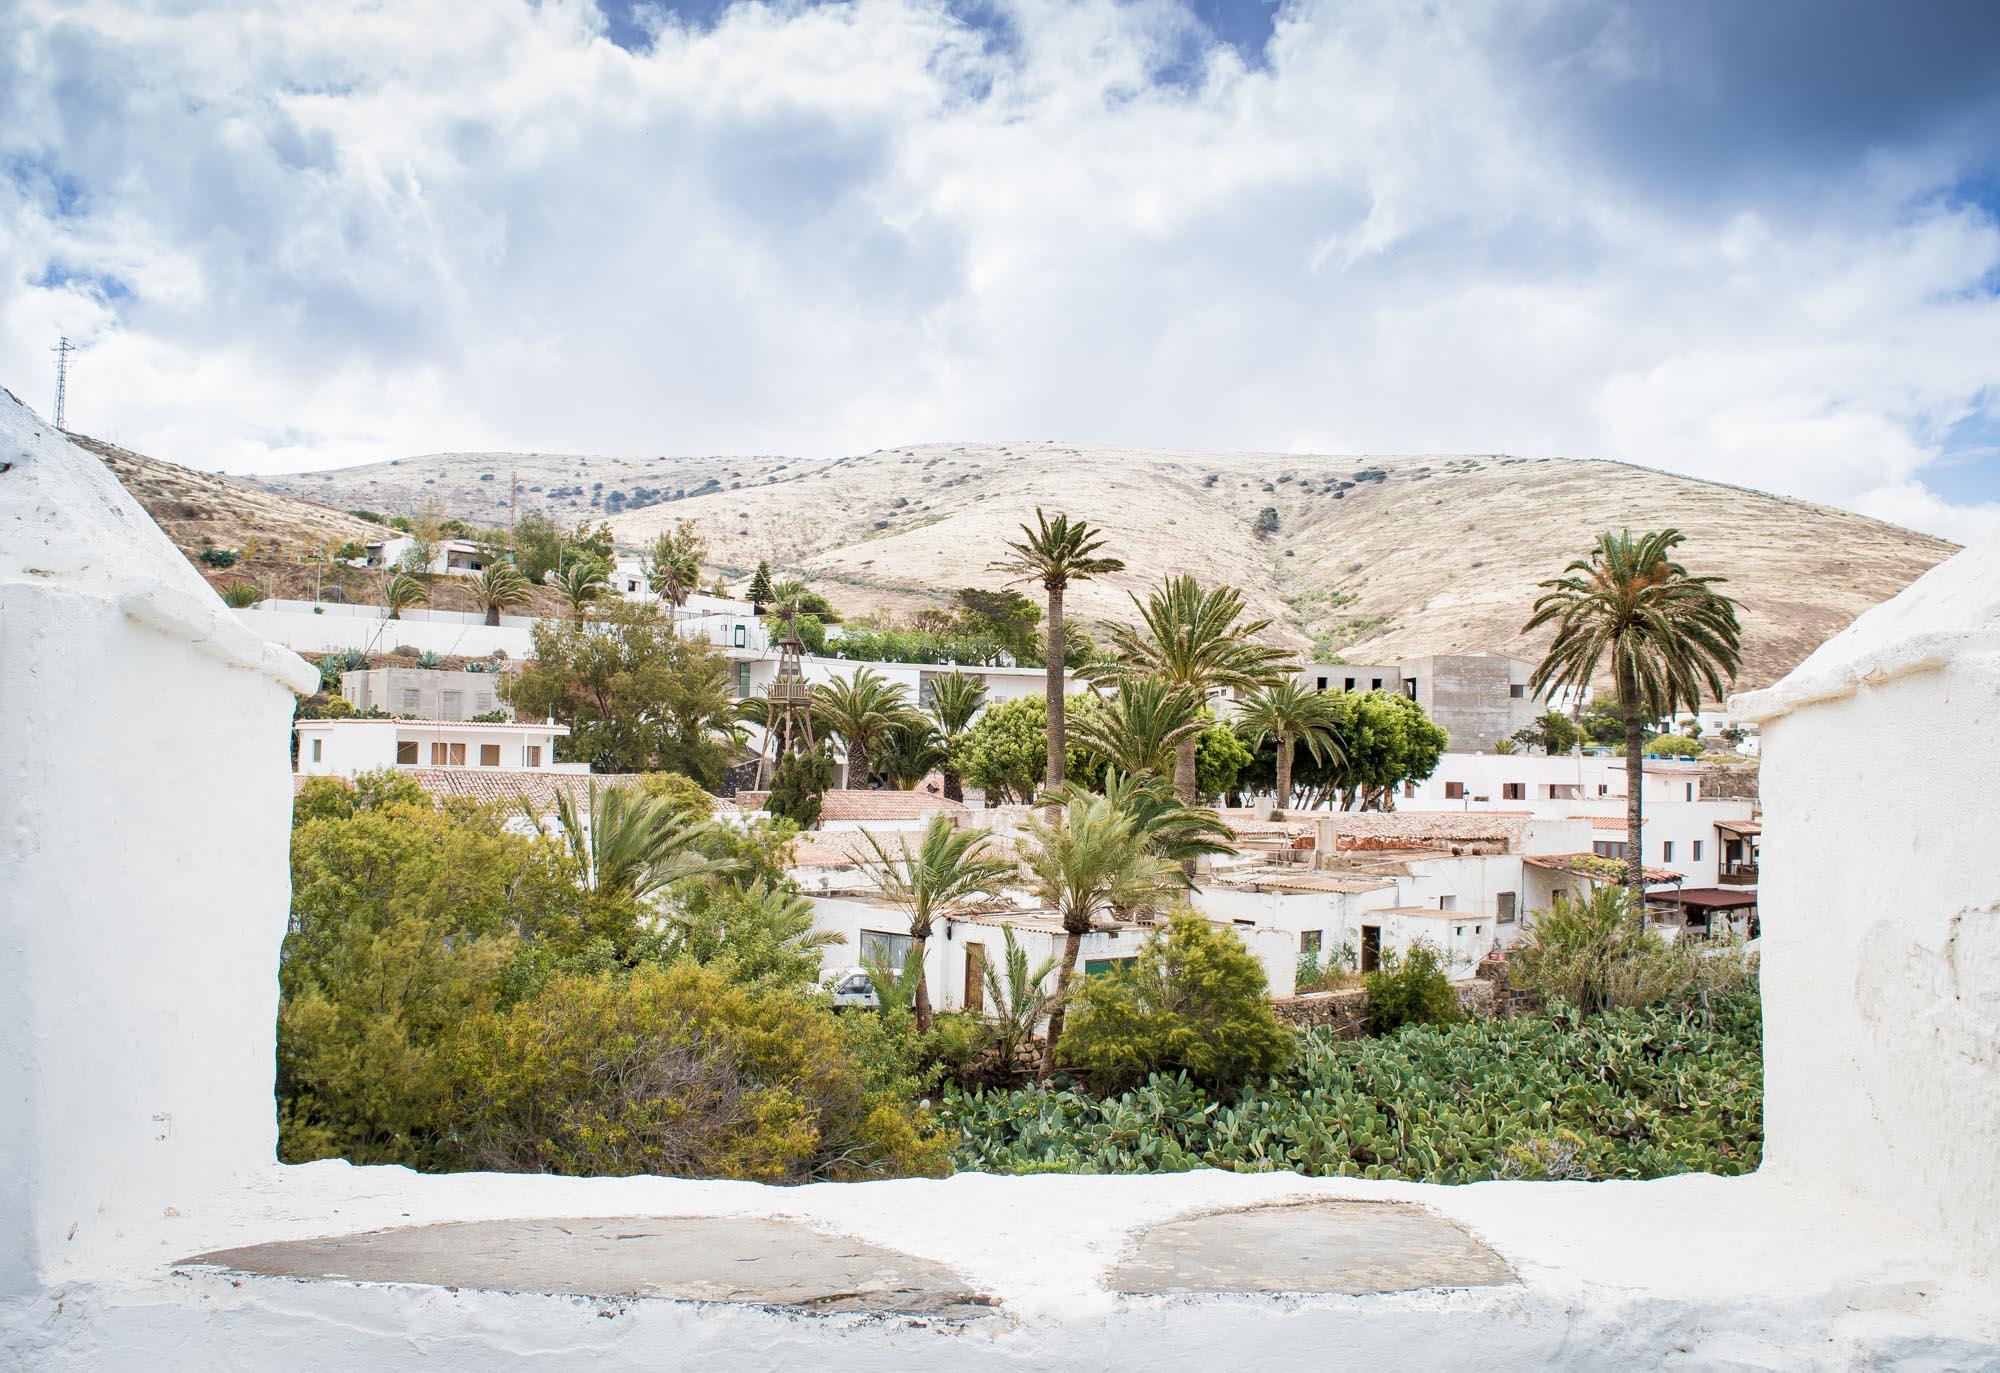 Betancuria village de fuerteventura